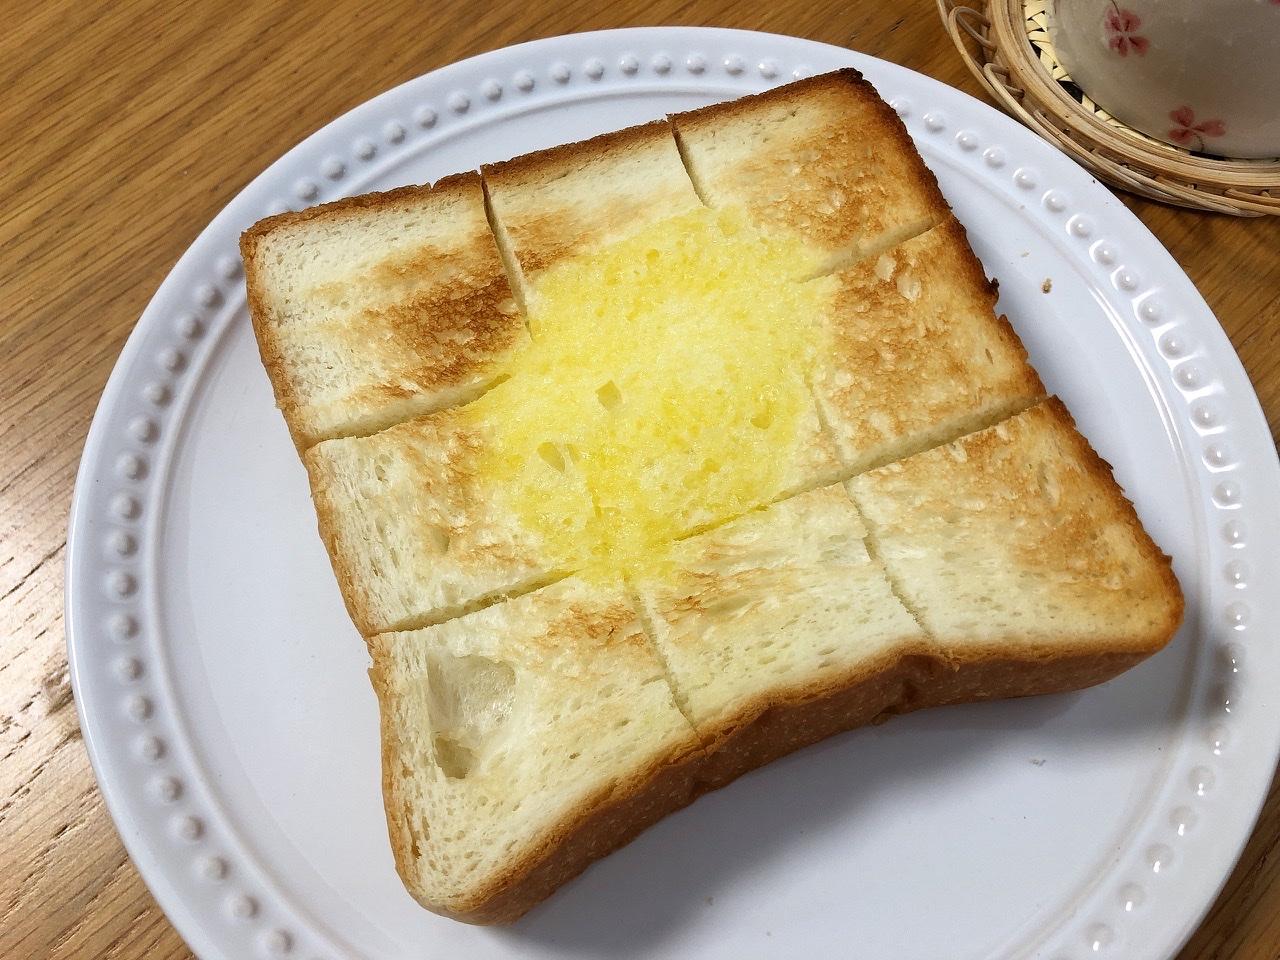 名駅|テイクアウトで自宅で楽しむ!ふわっもちっ食感。ほんのり甘い高級食パン